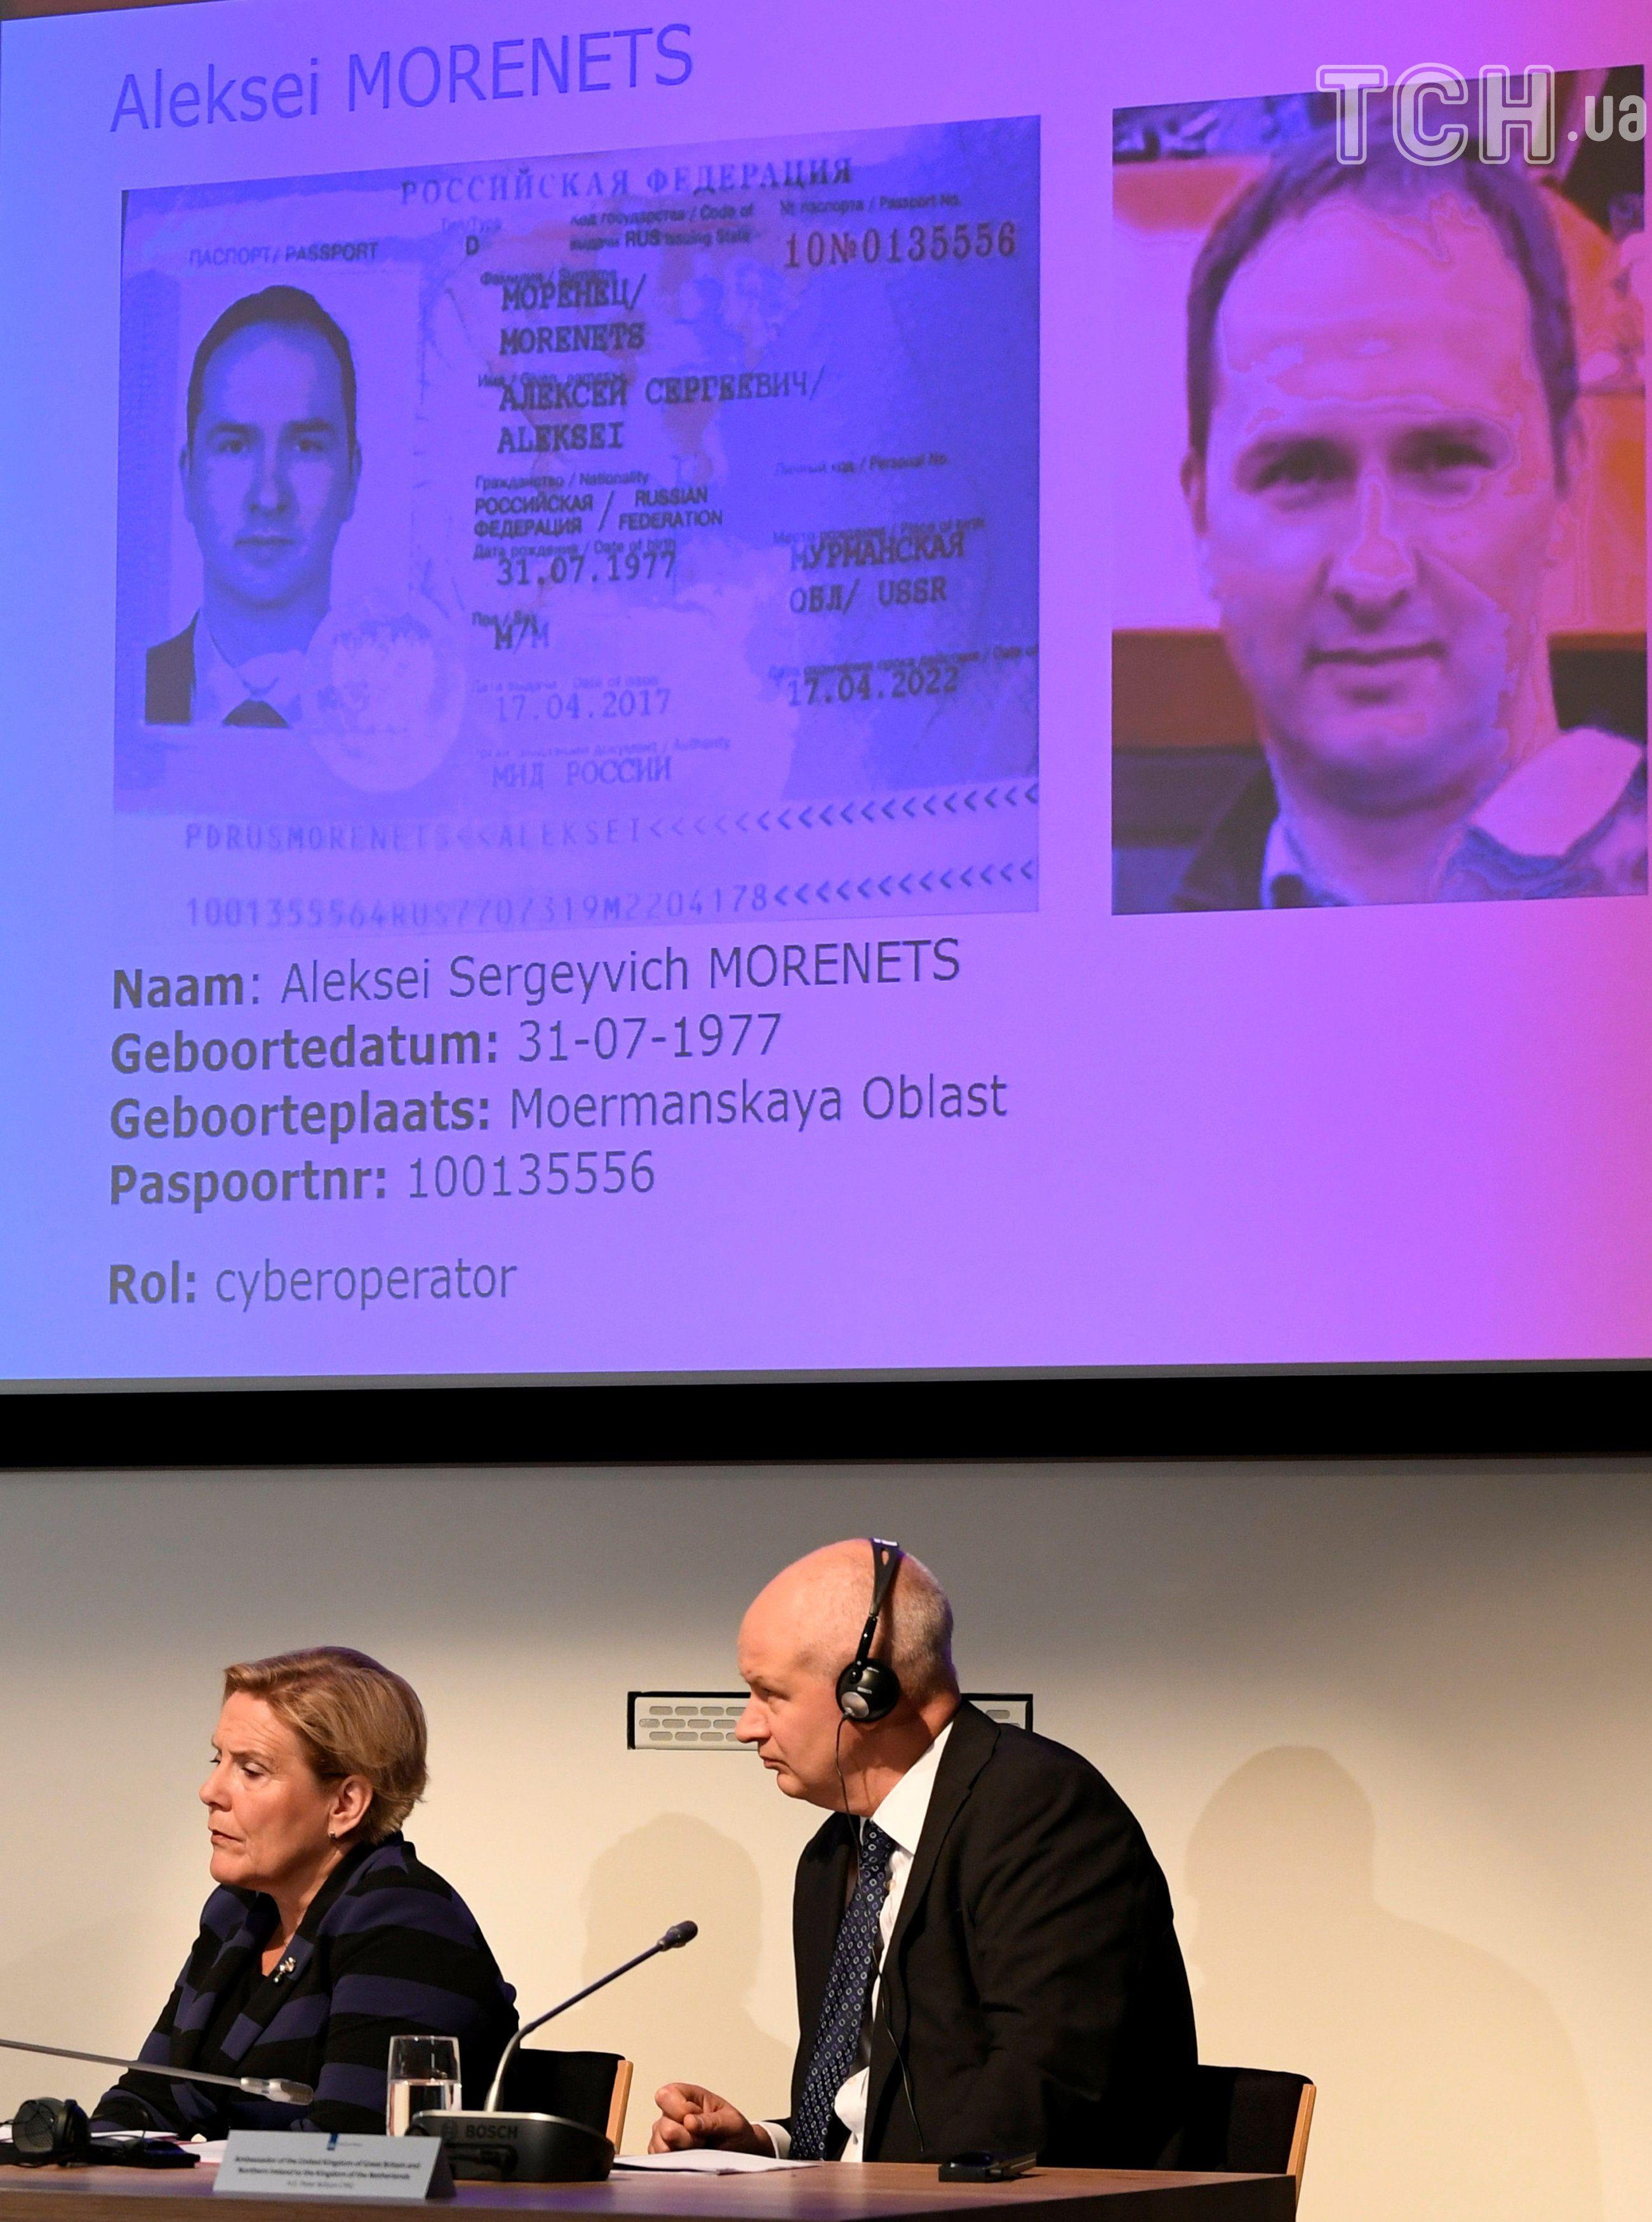 документи офіцерів ГРУ у Нідерландах